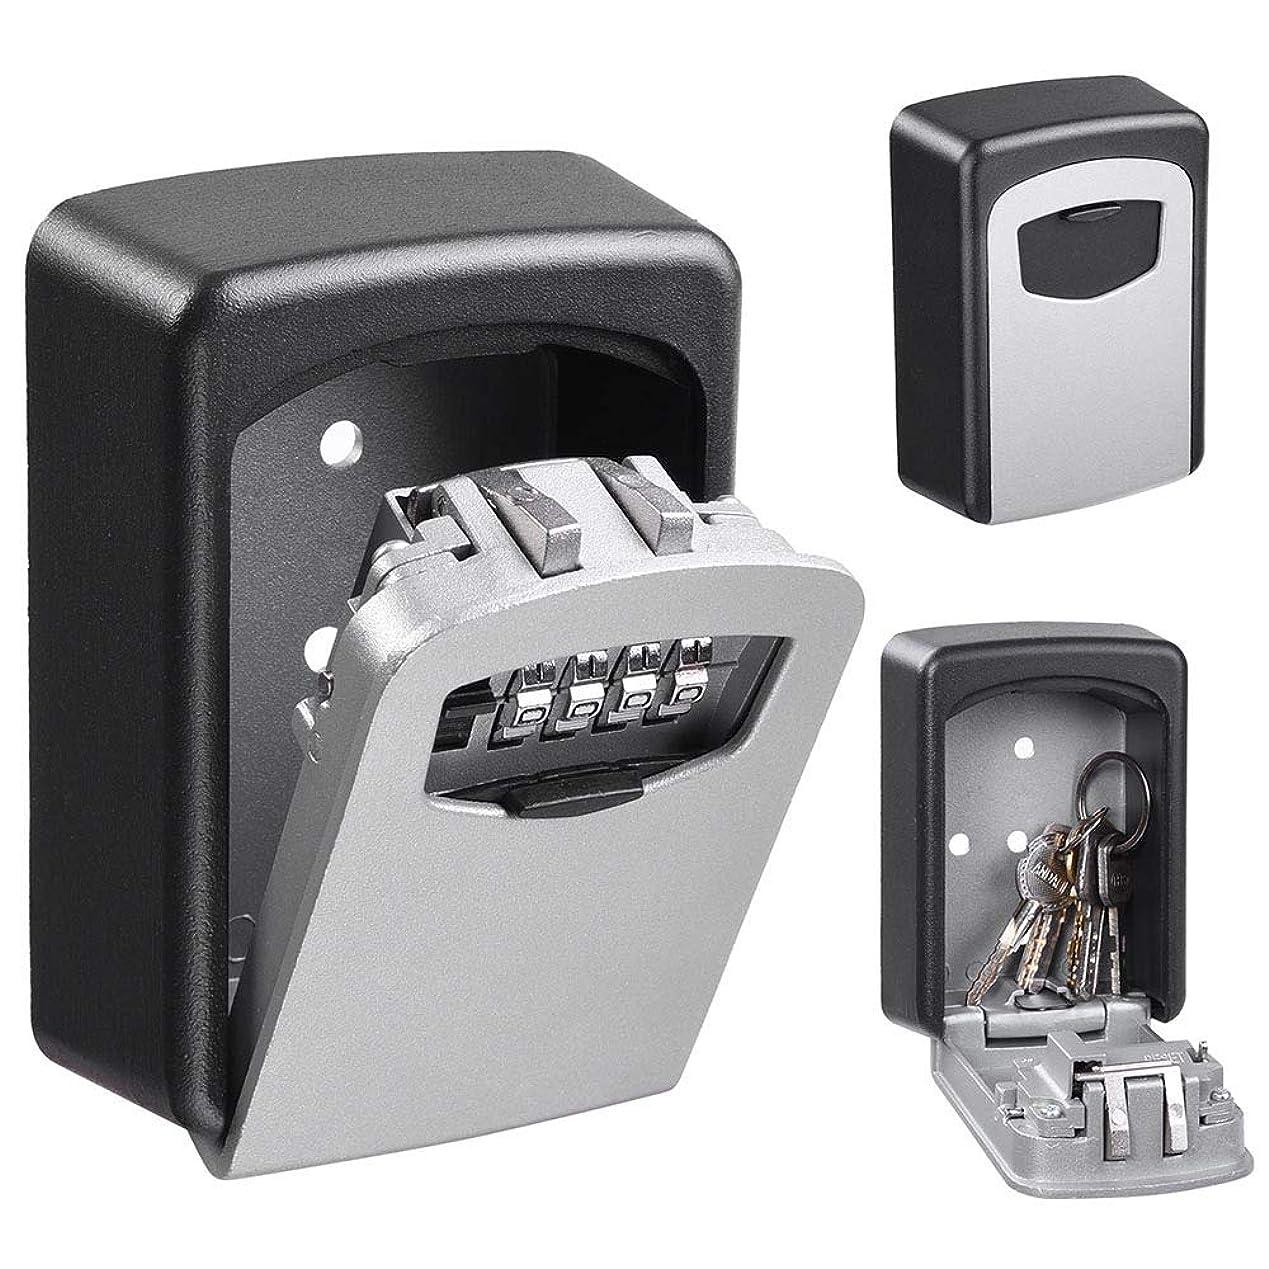 ラインナップ滑りやすいメンタルYescom 4桁ダイヤル組み合わせキーロックボックス壁マウント安全セキュリティストレージケースオーガナイザー